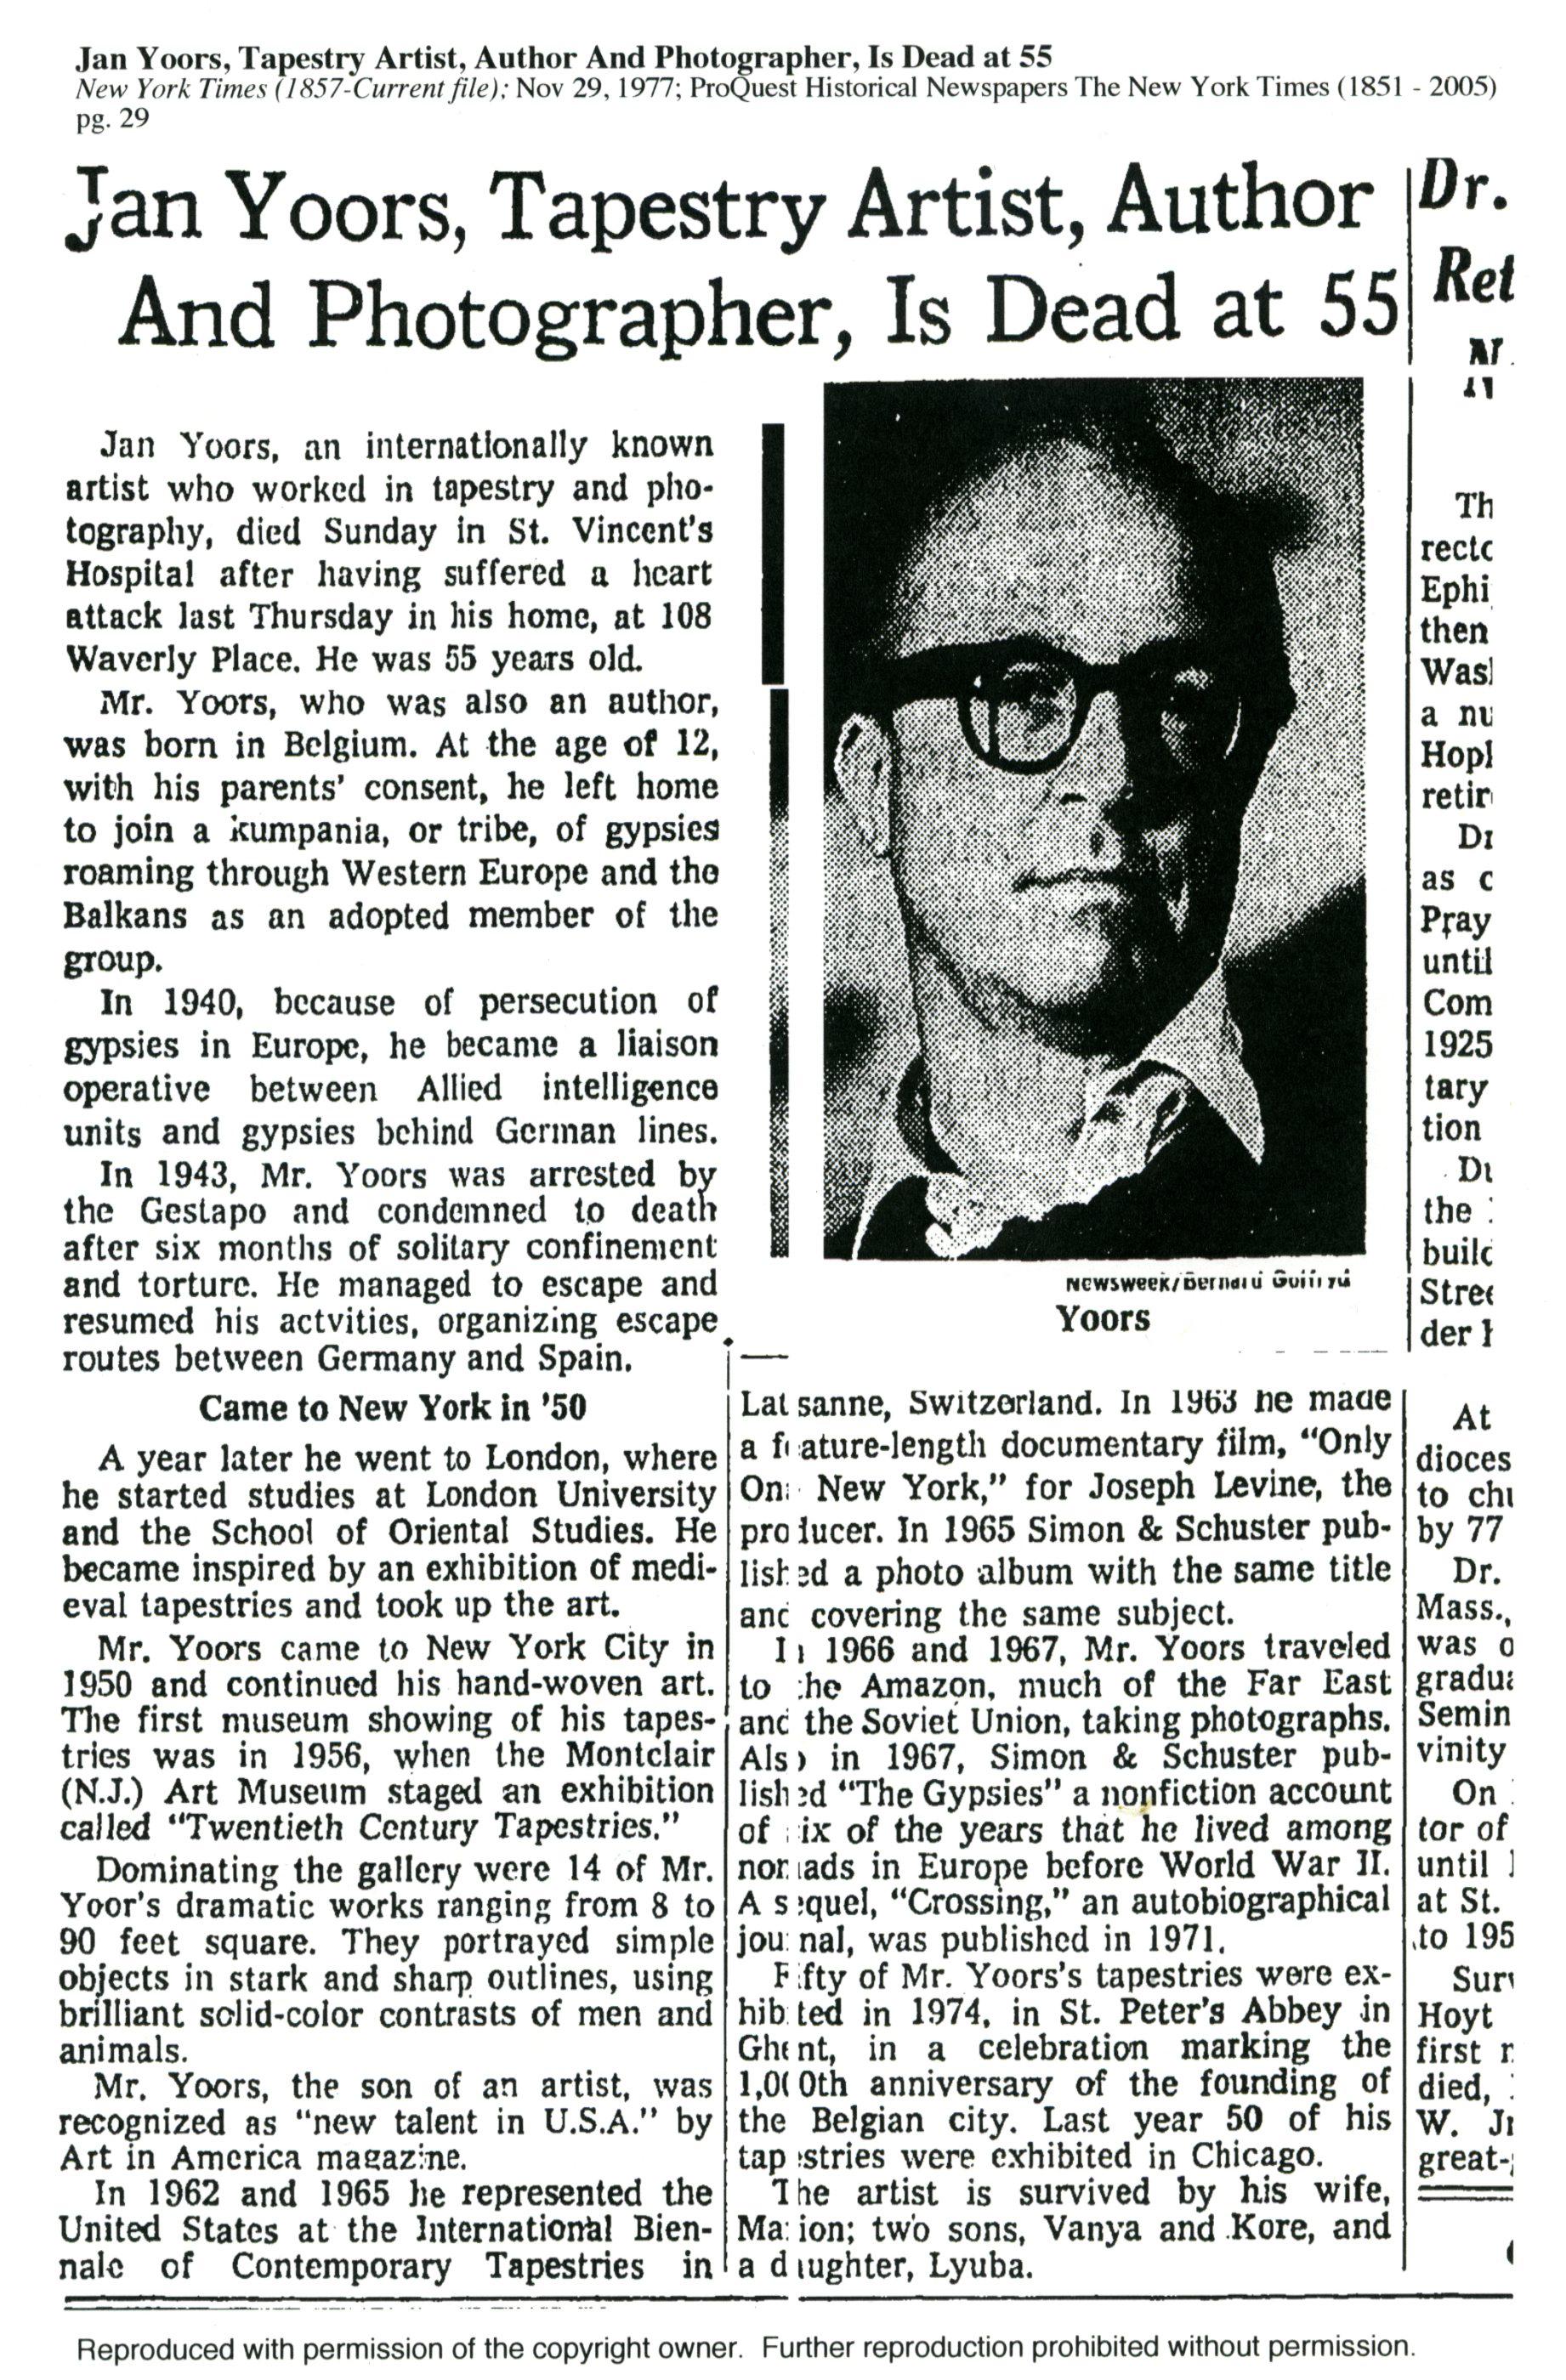 1977-nyt-obituaryweb